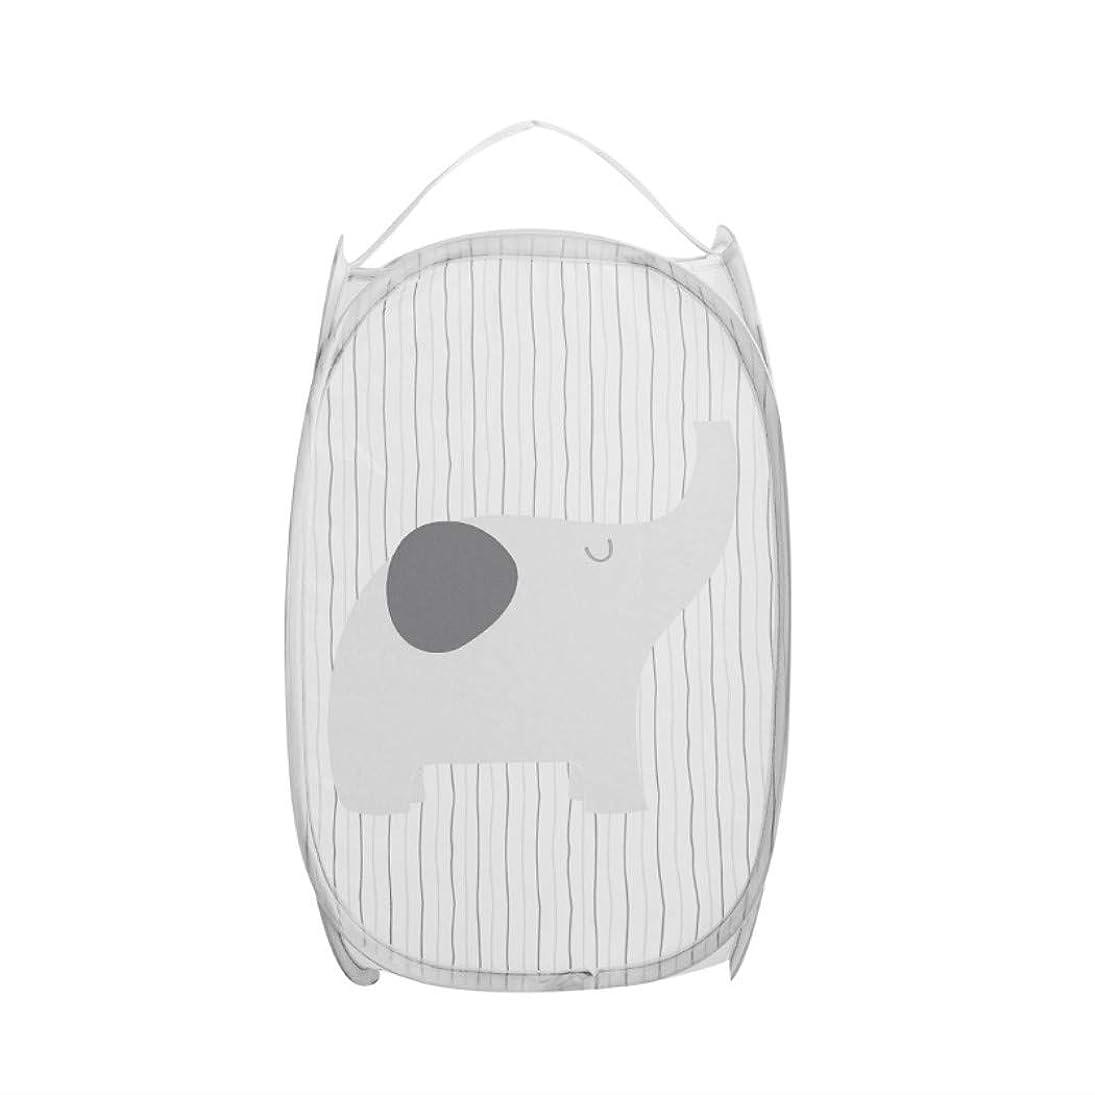 リム海港コカインYisin ランドリー収納 メッシュ 折り畳み式 洗濯物入れ 取っ手付き 象 グレー 【M】 30*50cm